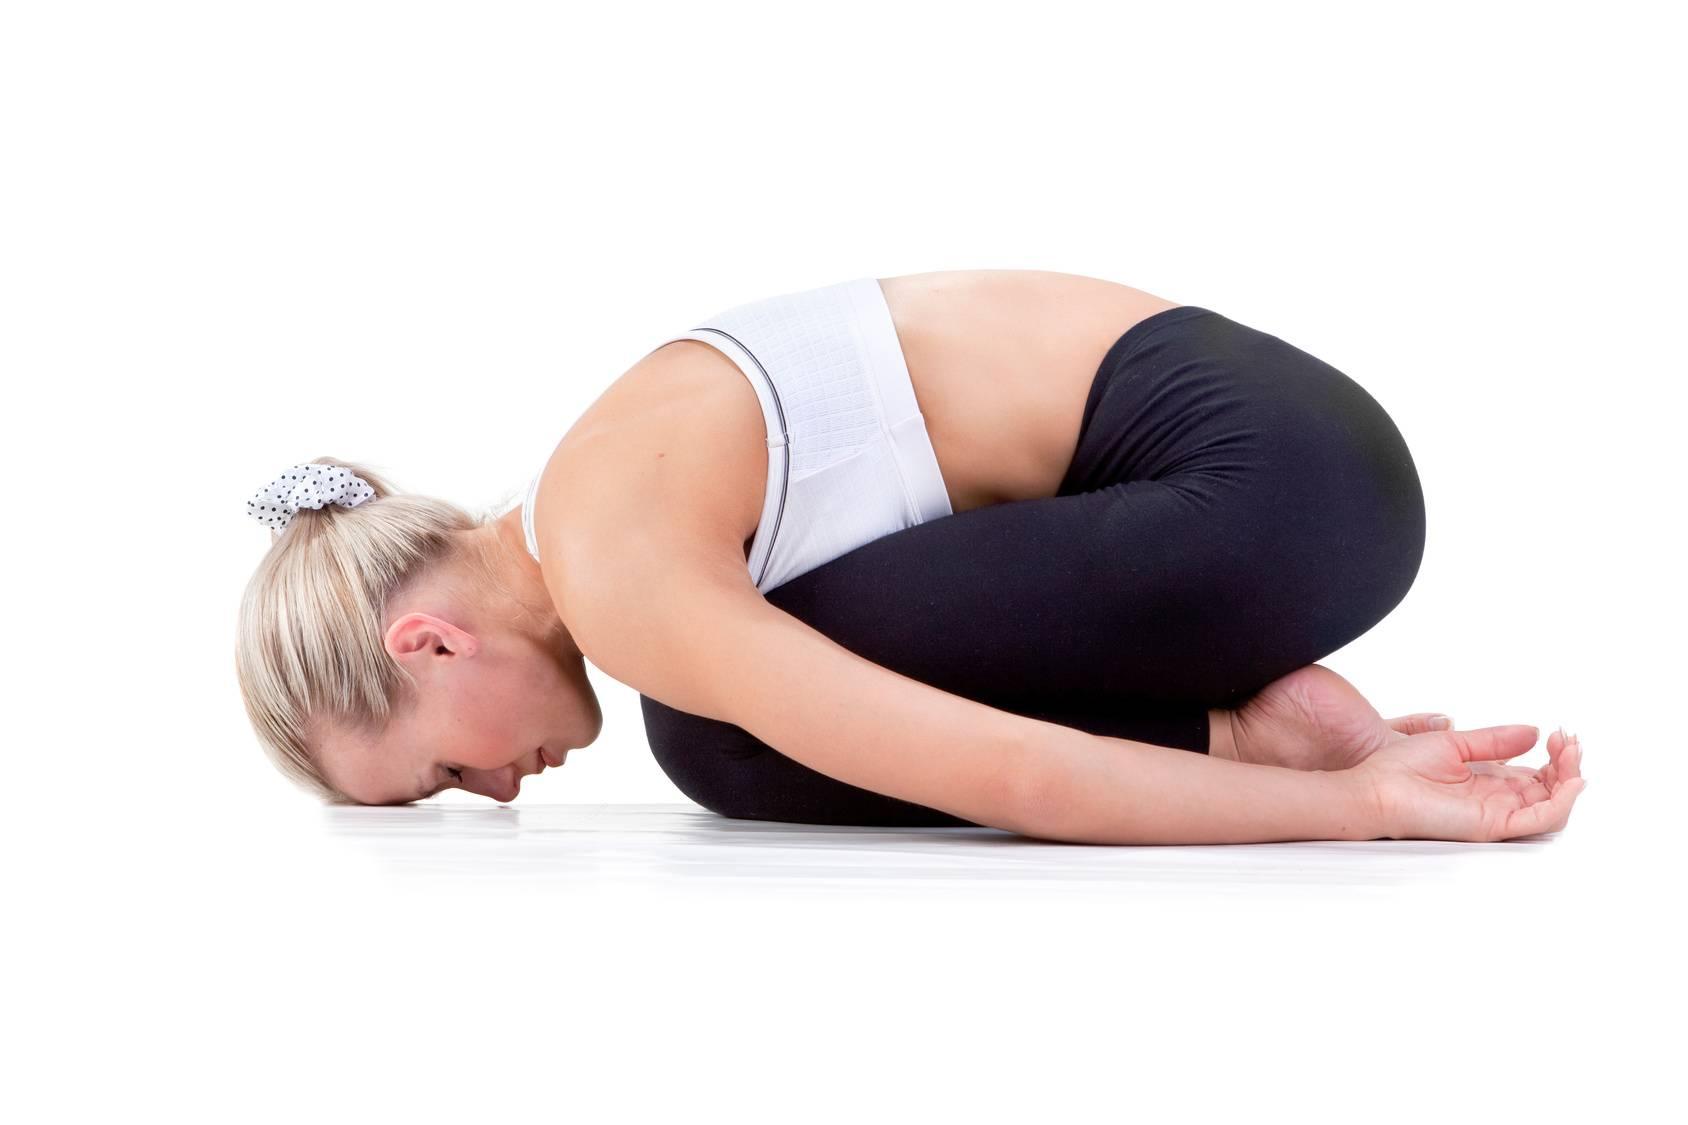 Йога для потенции мужчин: асаны для повышения потенции и мужского здоровья